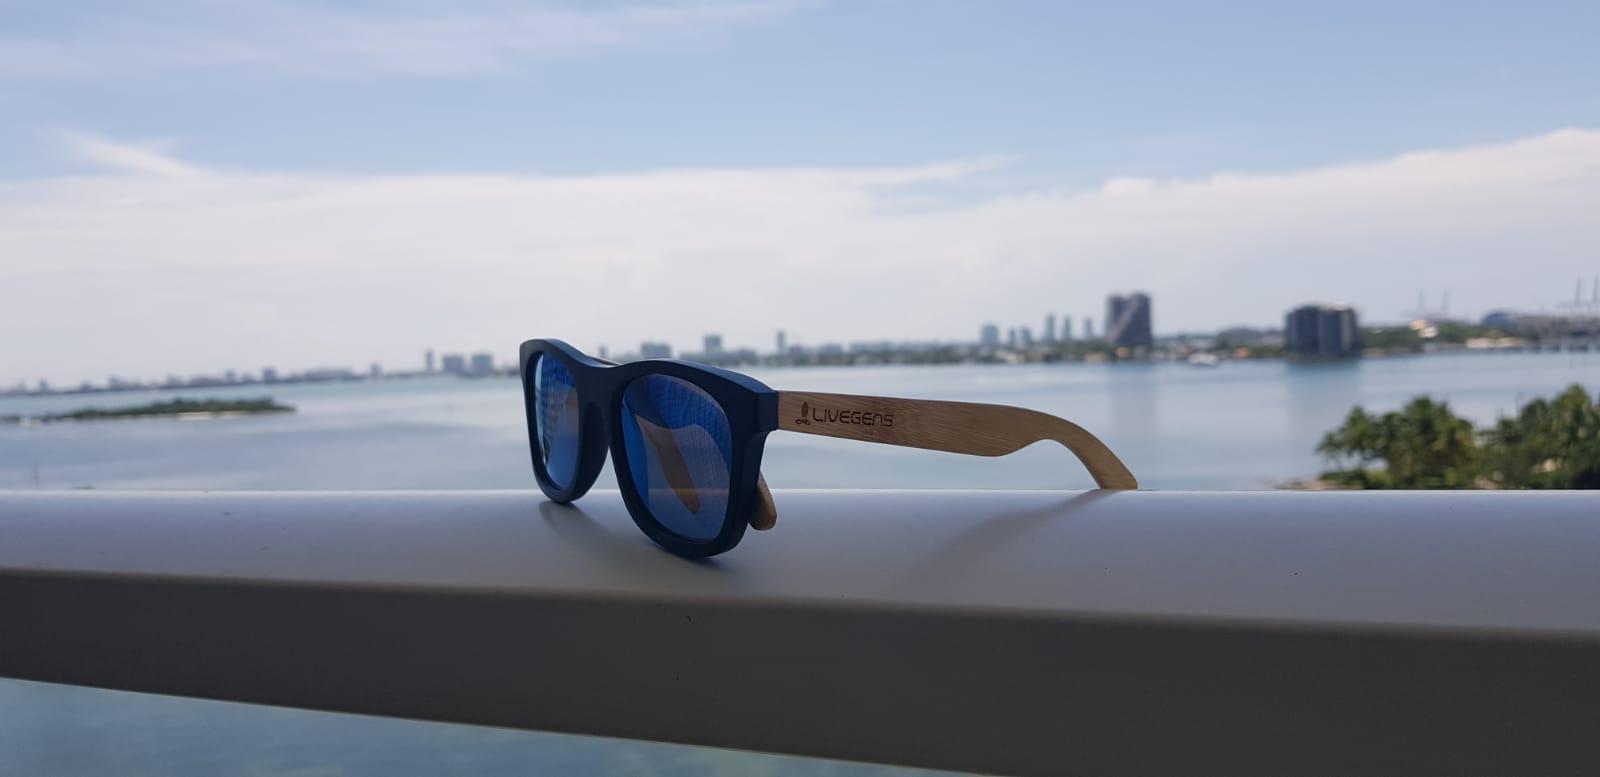 gafas de sol de madera bambu livegens